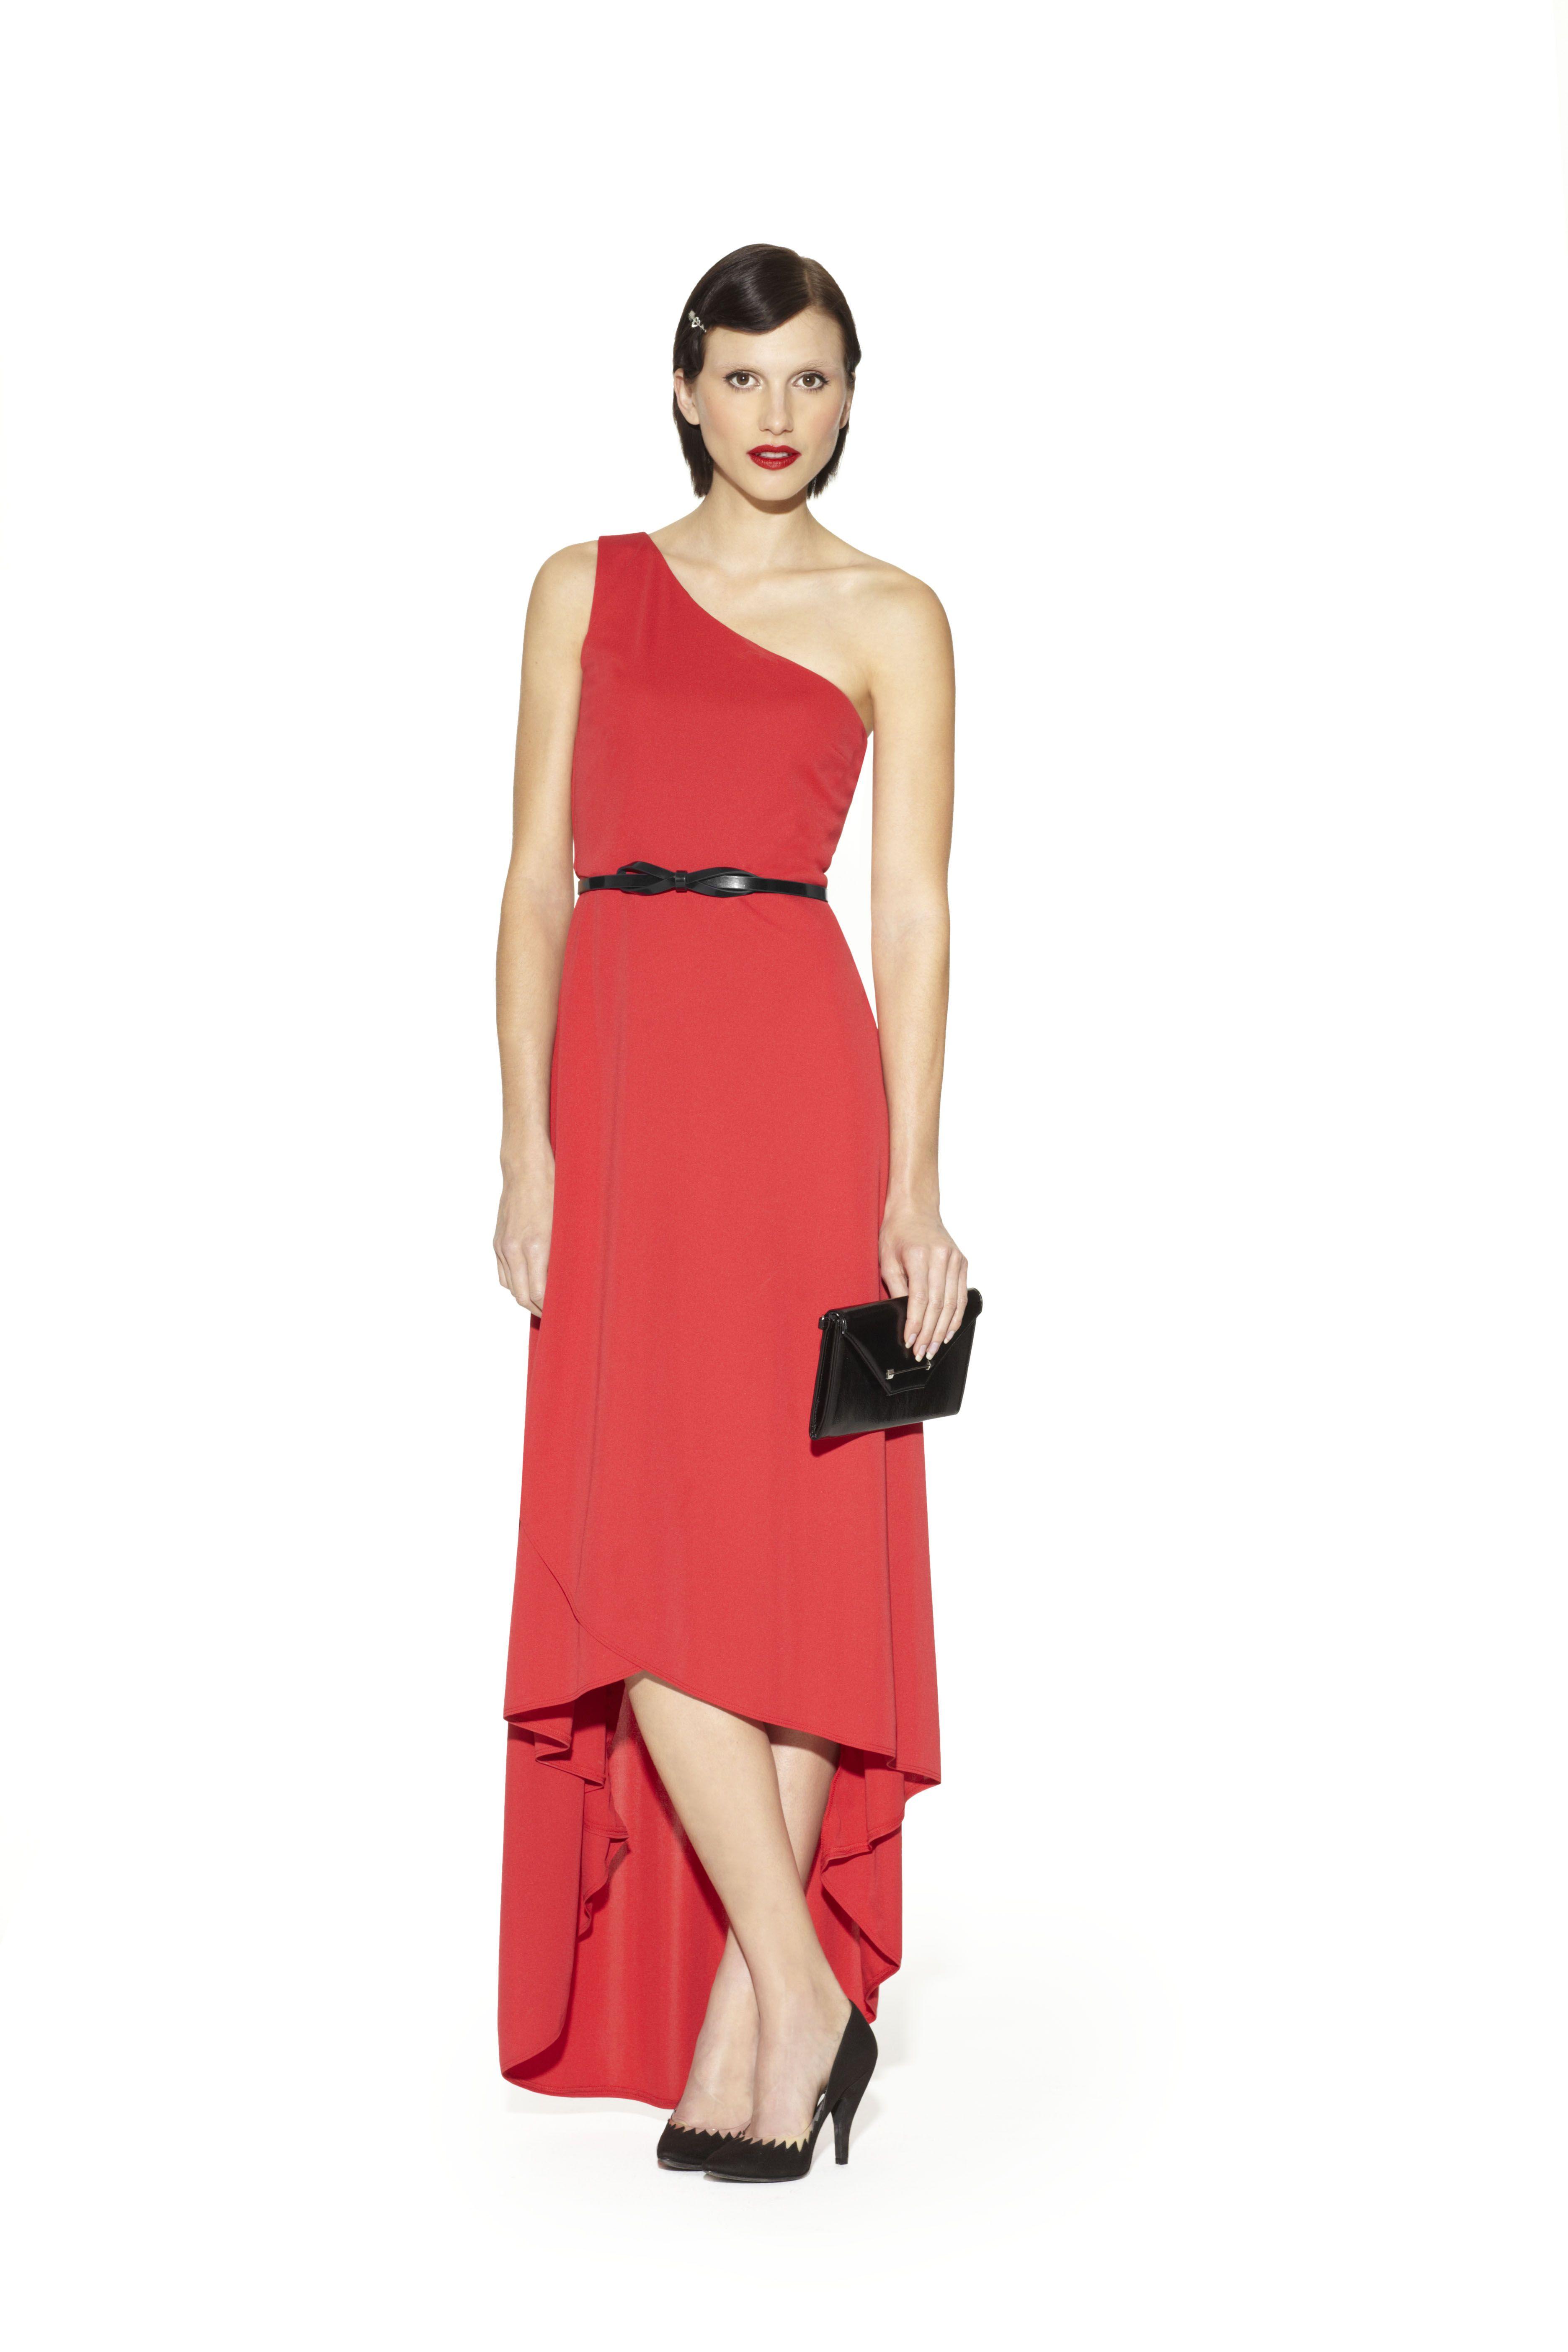 Kate Young For Target Target Red Evening Dress Maxi Dress Evening Sassy Dress [ 5616 x 3744 Pixel ]